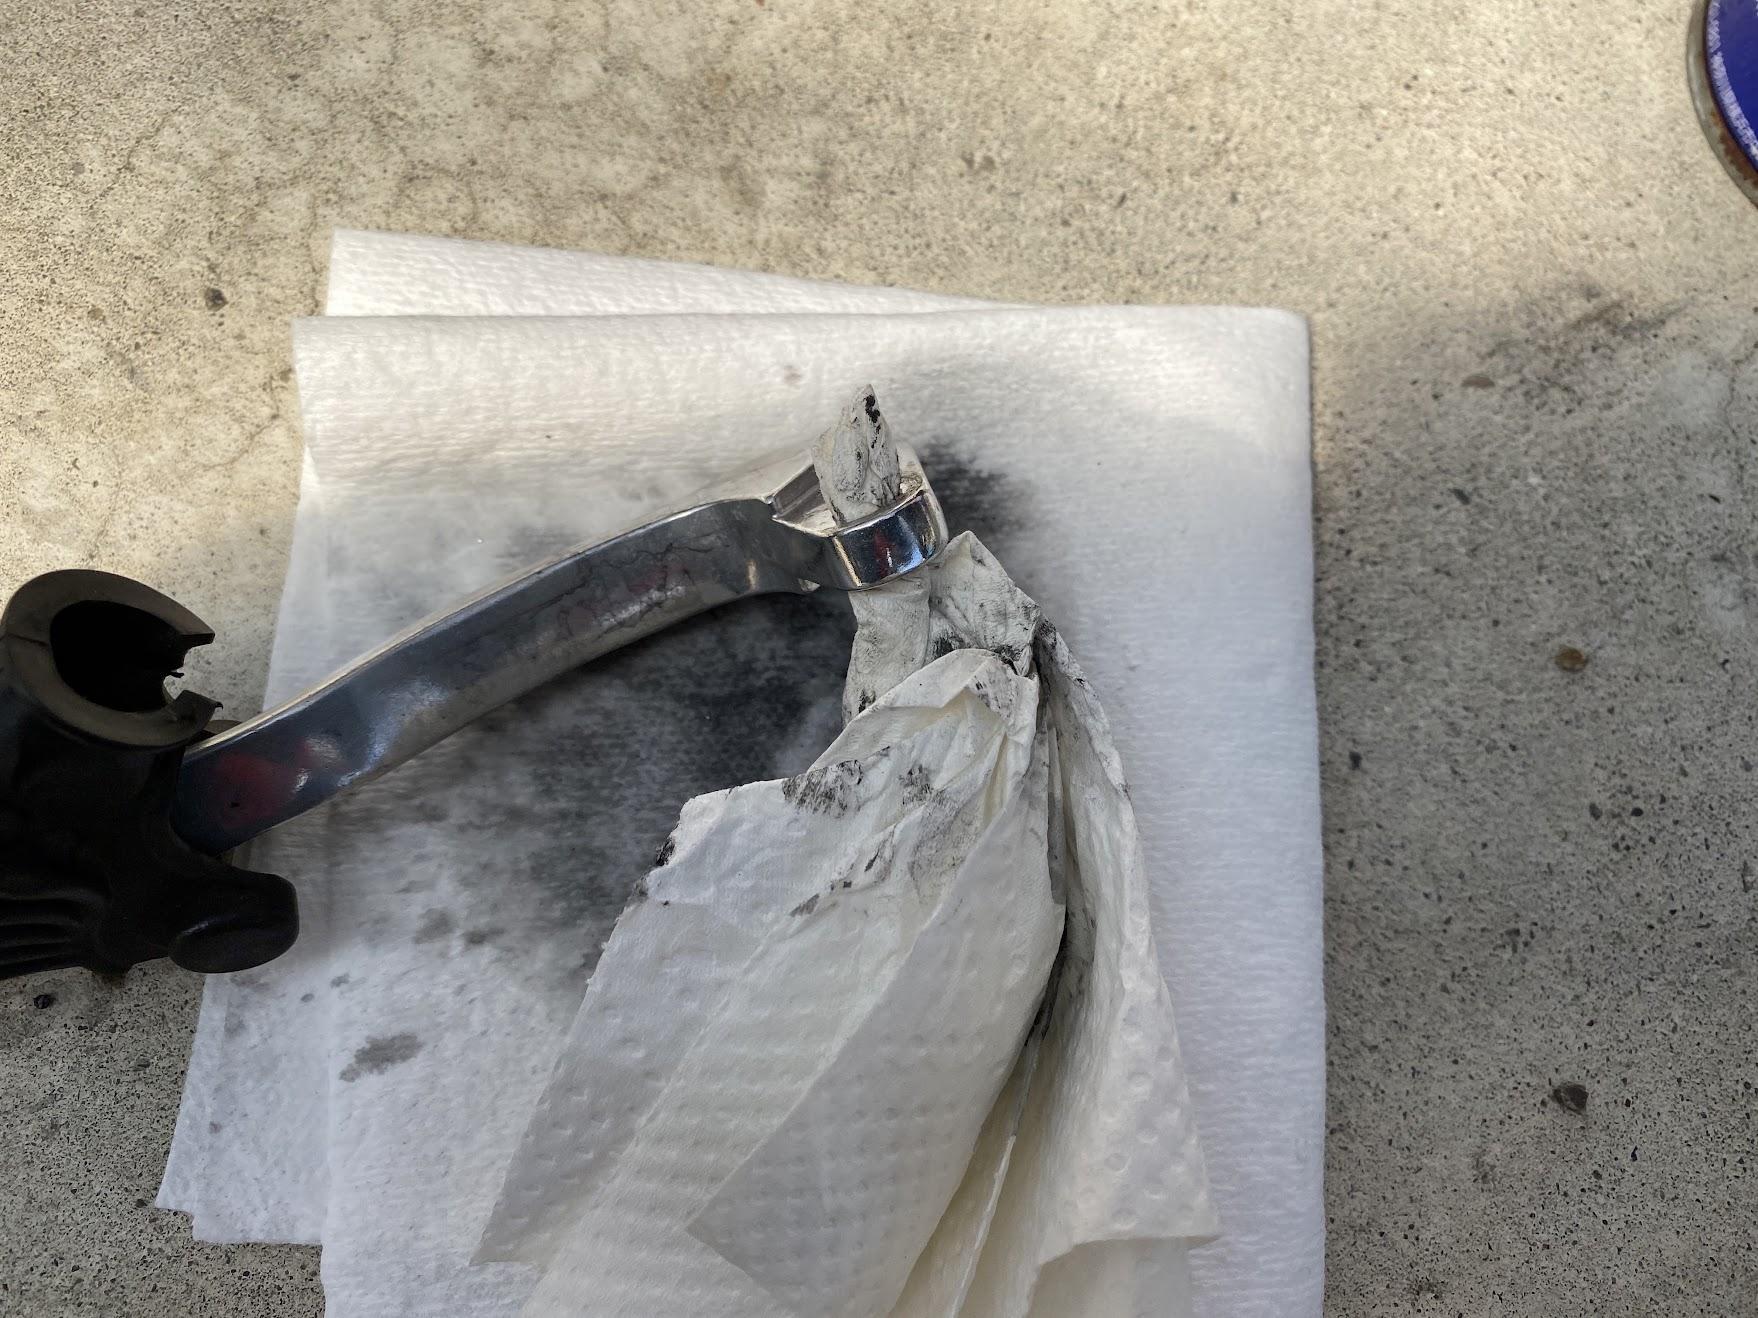 クラッチレバーの清掃タオルを突っ込む